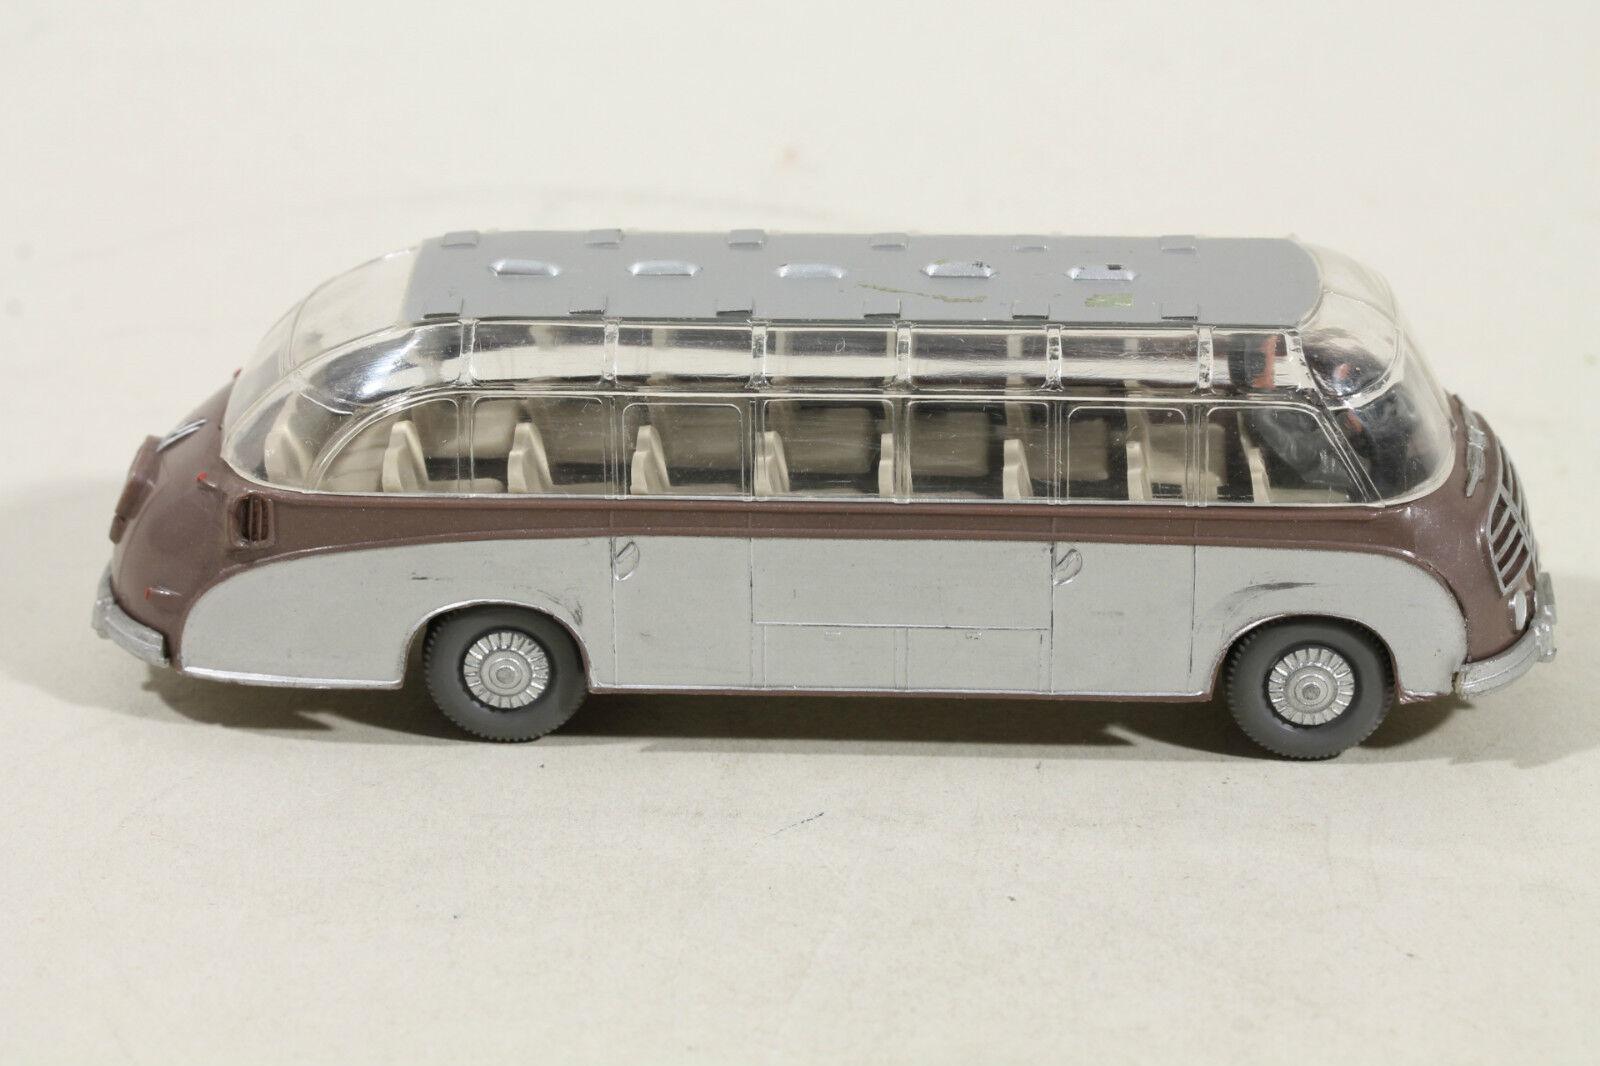 1166 tipo 3c Wiking setra-bus 1956 - 1968 marrón metalizado